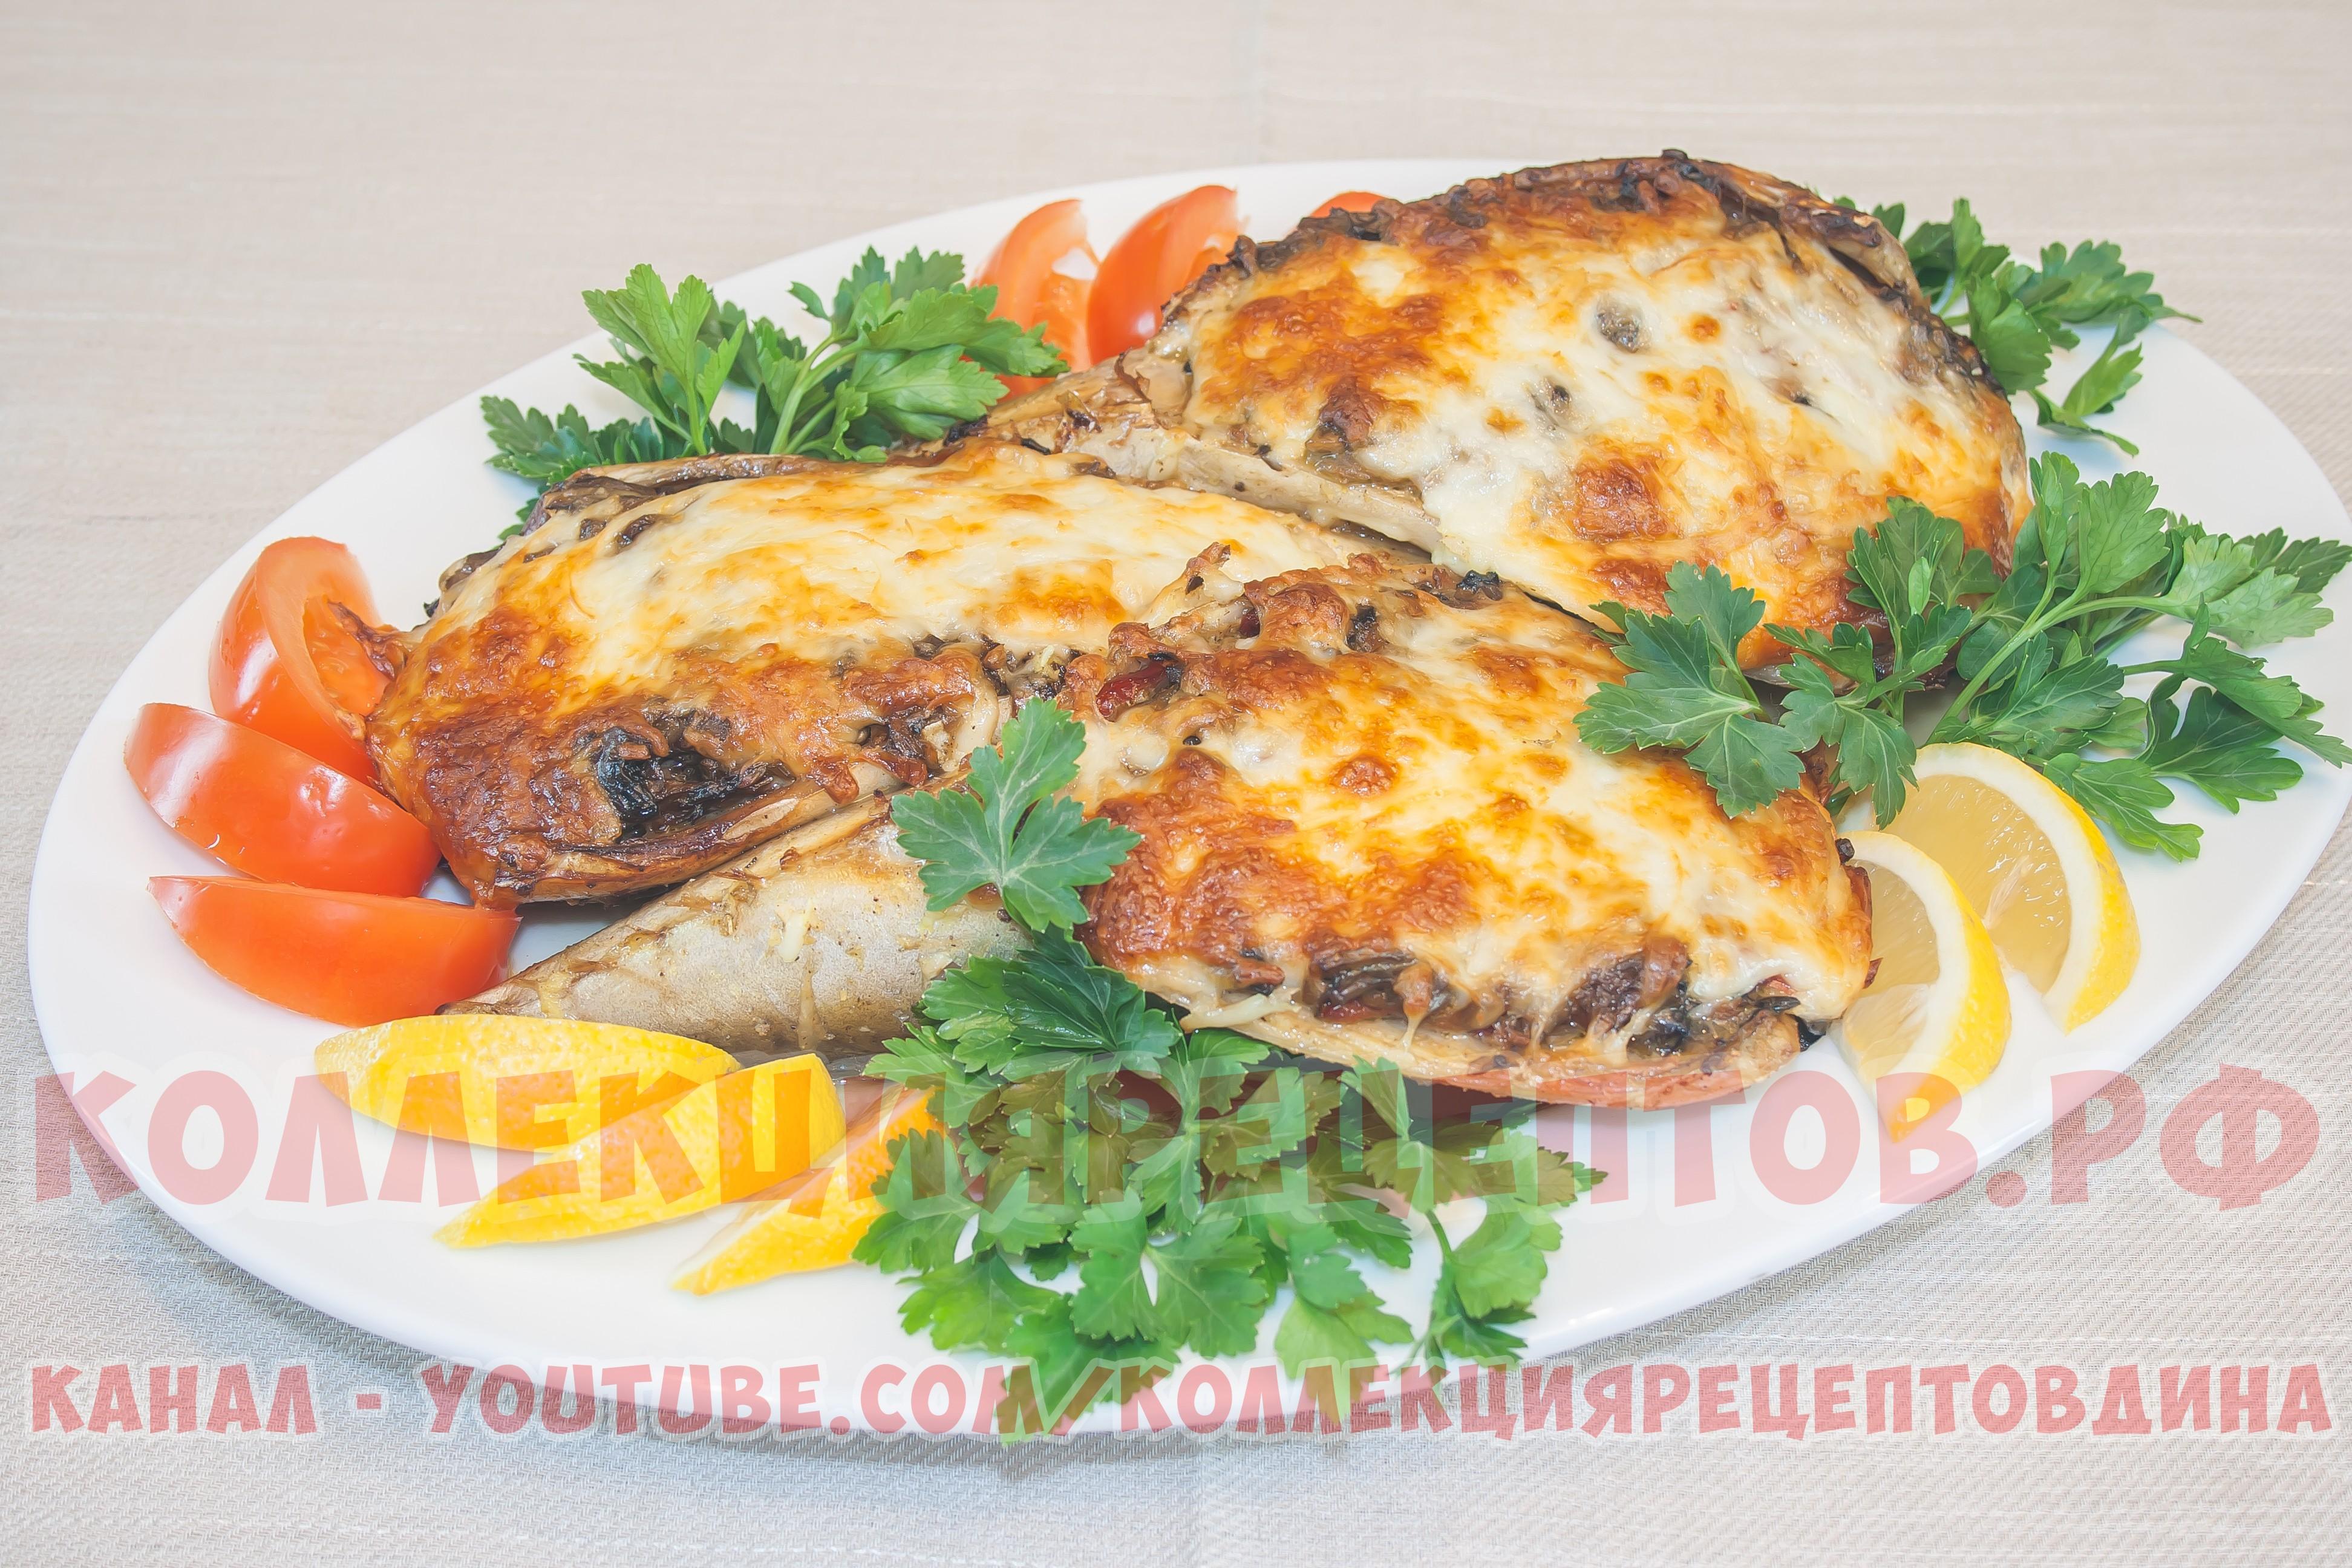 Рыбка вкусная, сочная, пропитанная чесночно-лимонным маринадом, фаршированная обжаренными овощами и грибами, с запеченной сырной корочкой